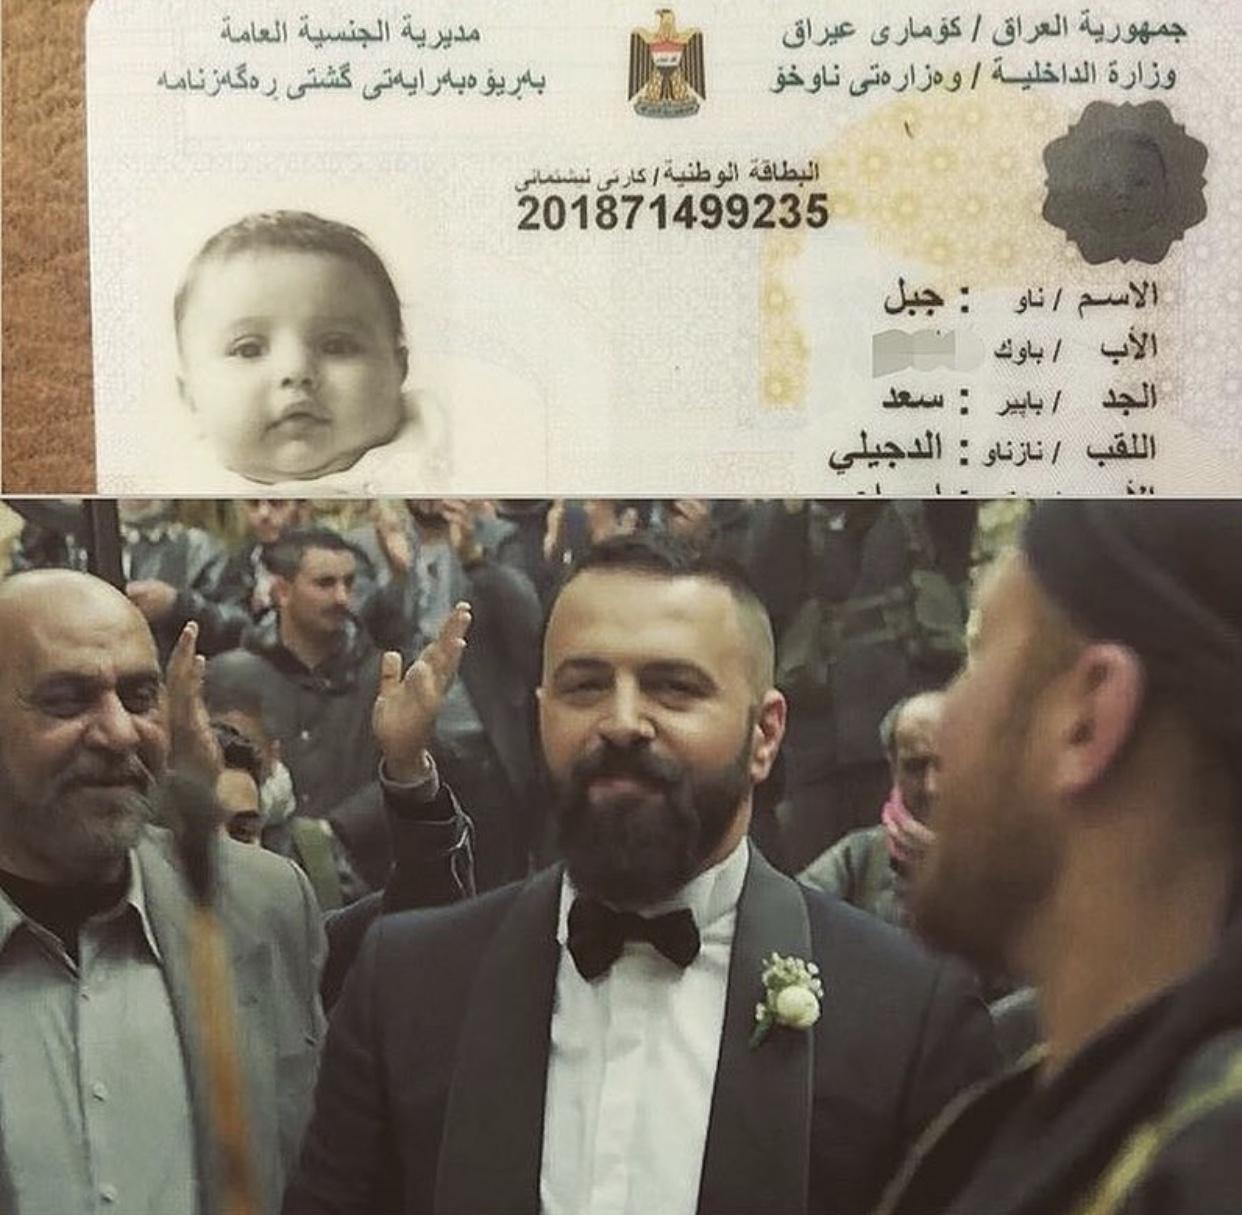 """تعرف على السبب الذي جعل الفنان السوري """"تيم حسن""""ينشر البطاقة الوطنية لمواطن عراقي على حسابه الشخصي بالانستقرام"""